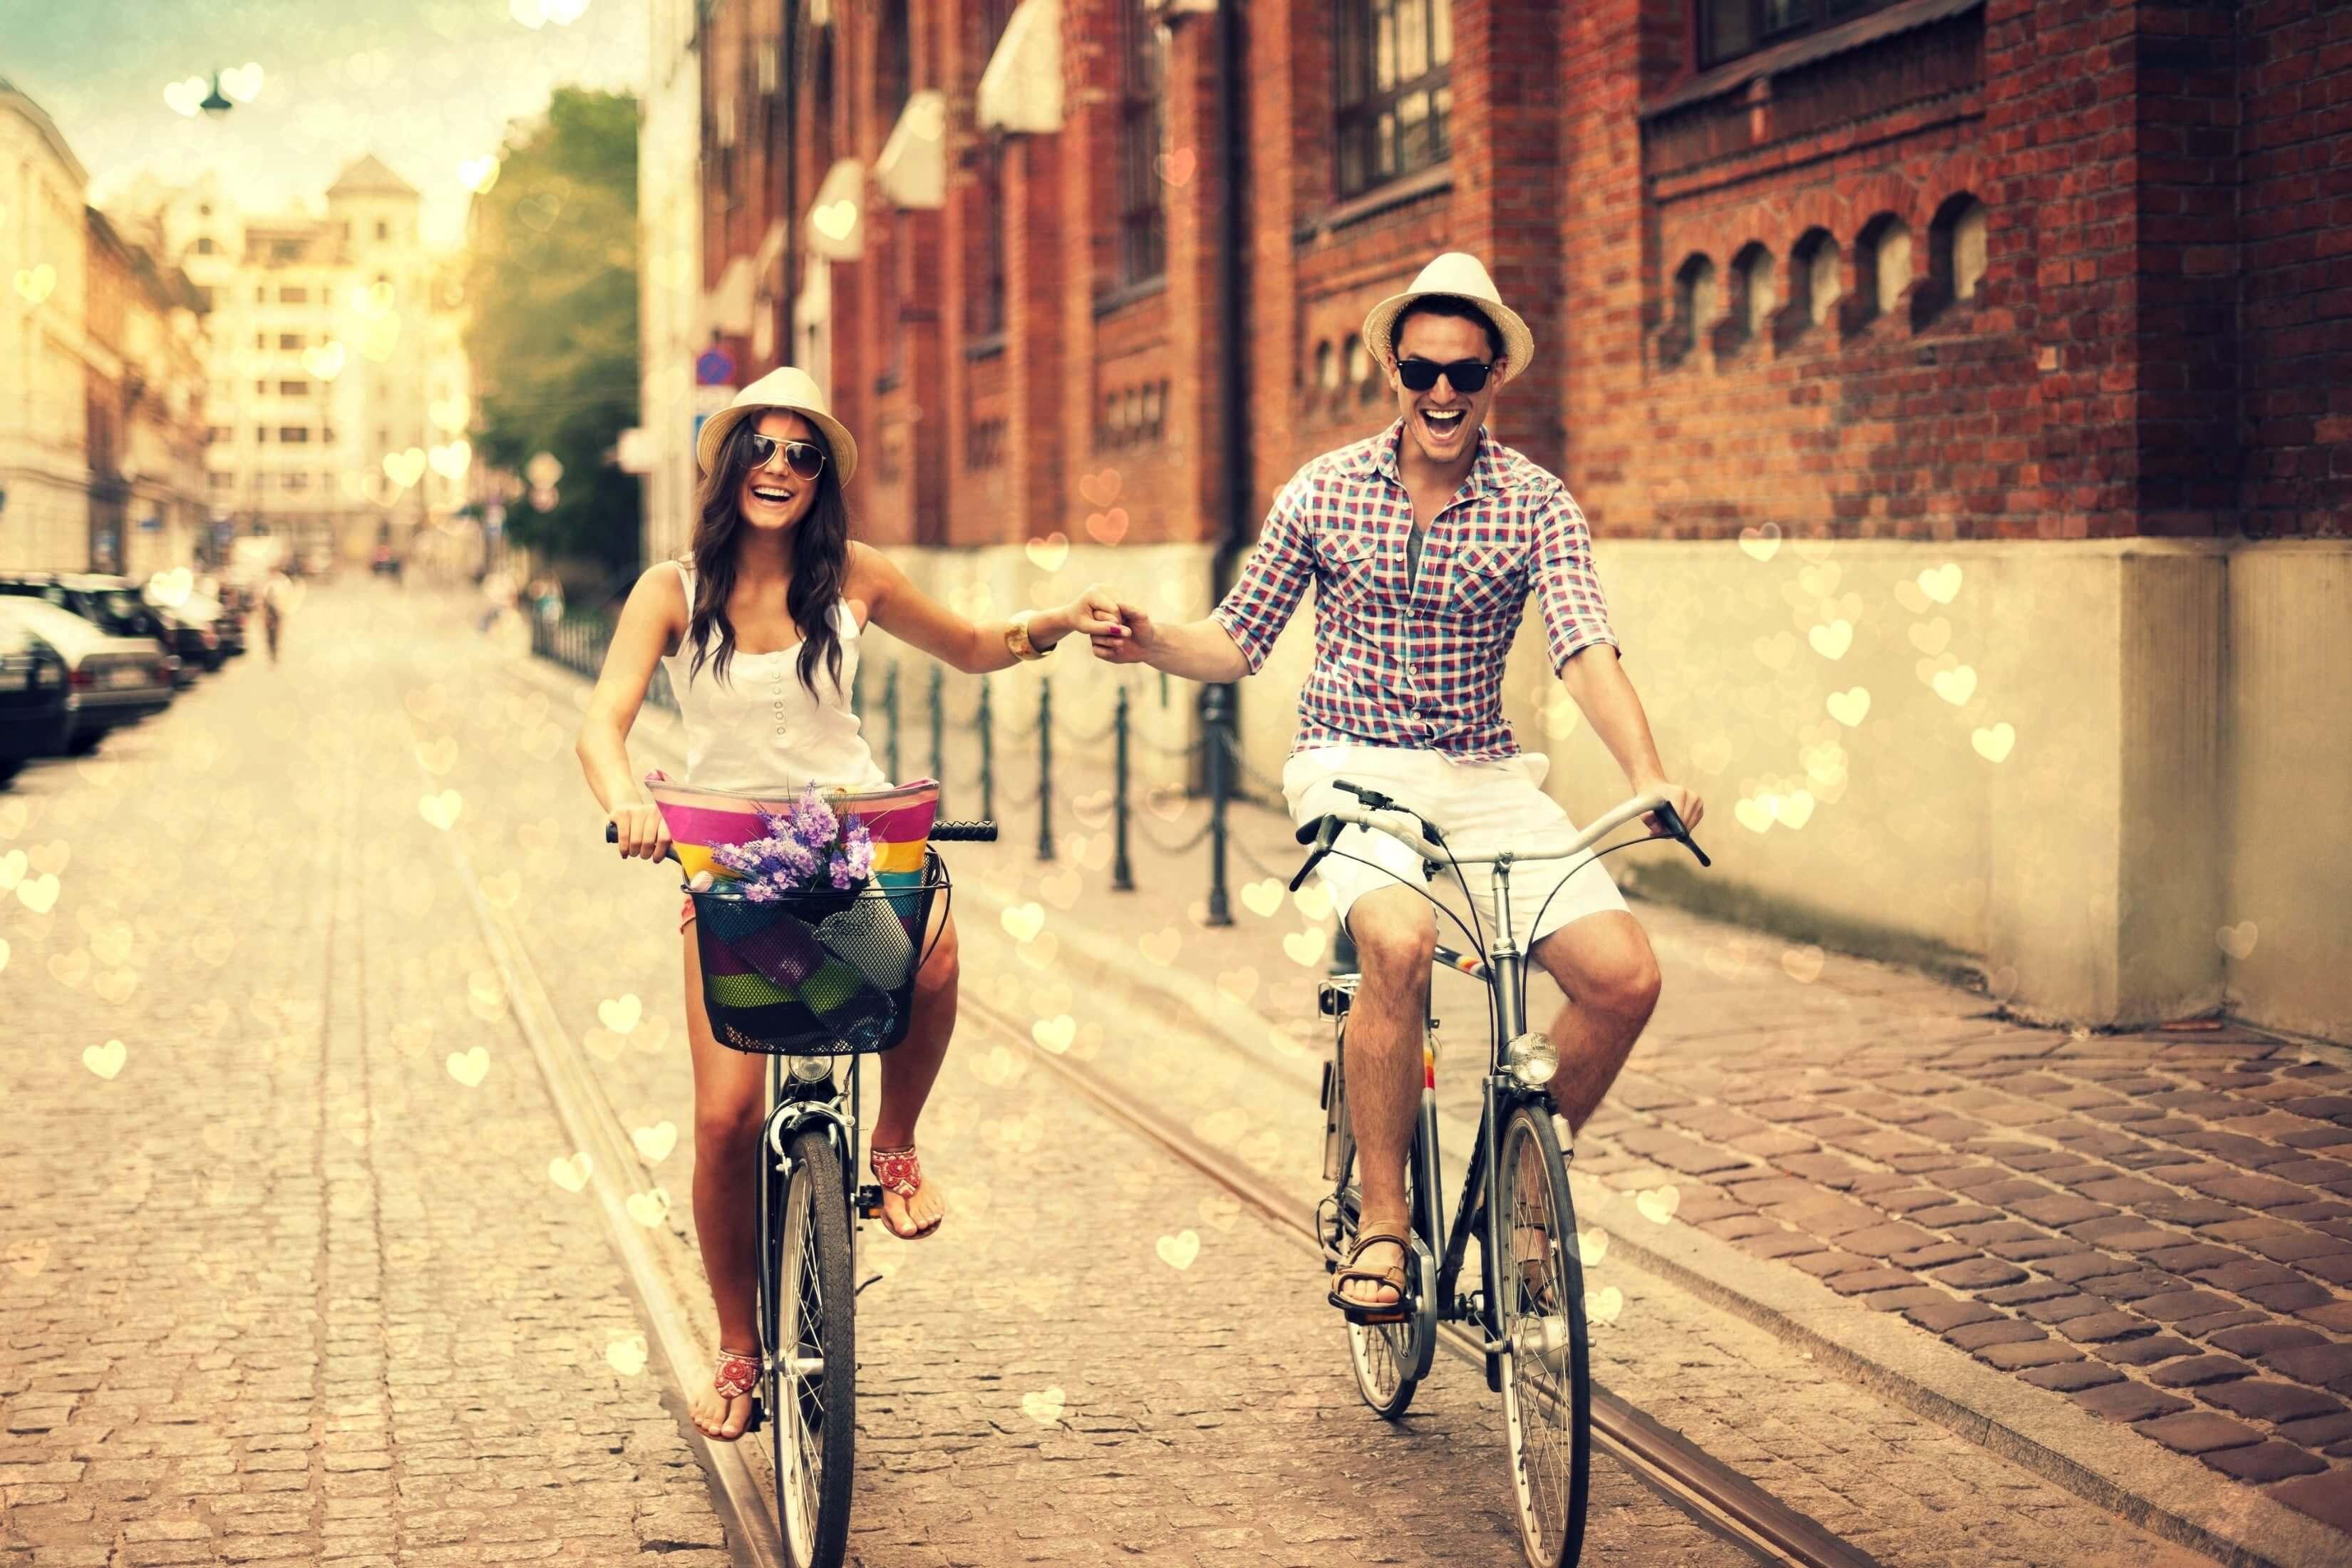 Парней с девушкой погулять